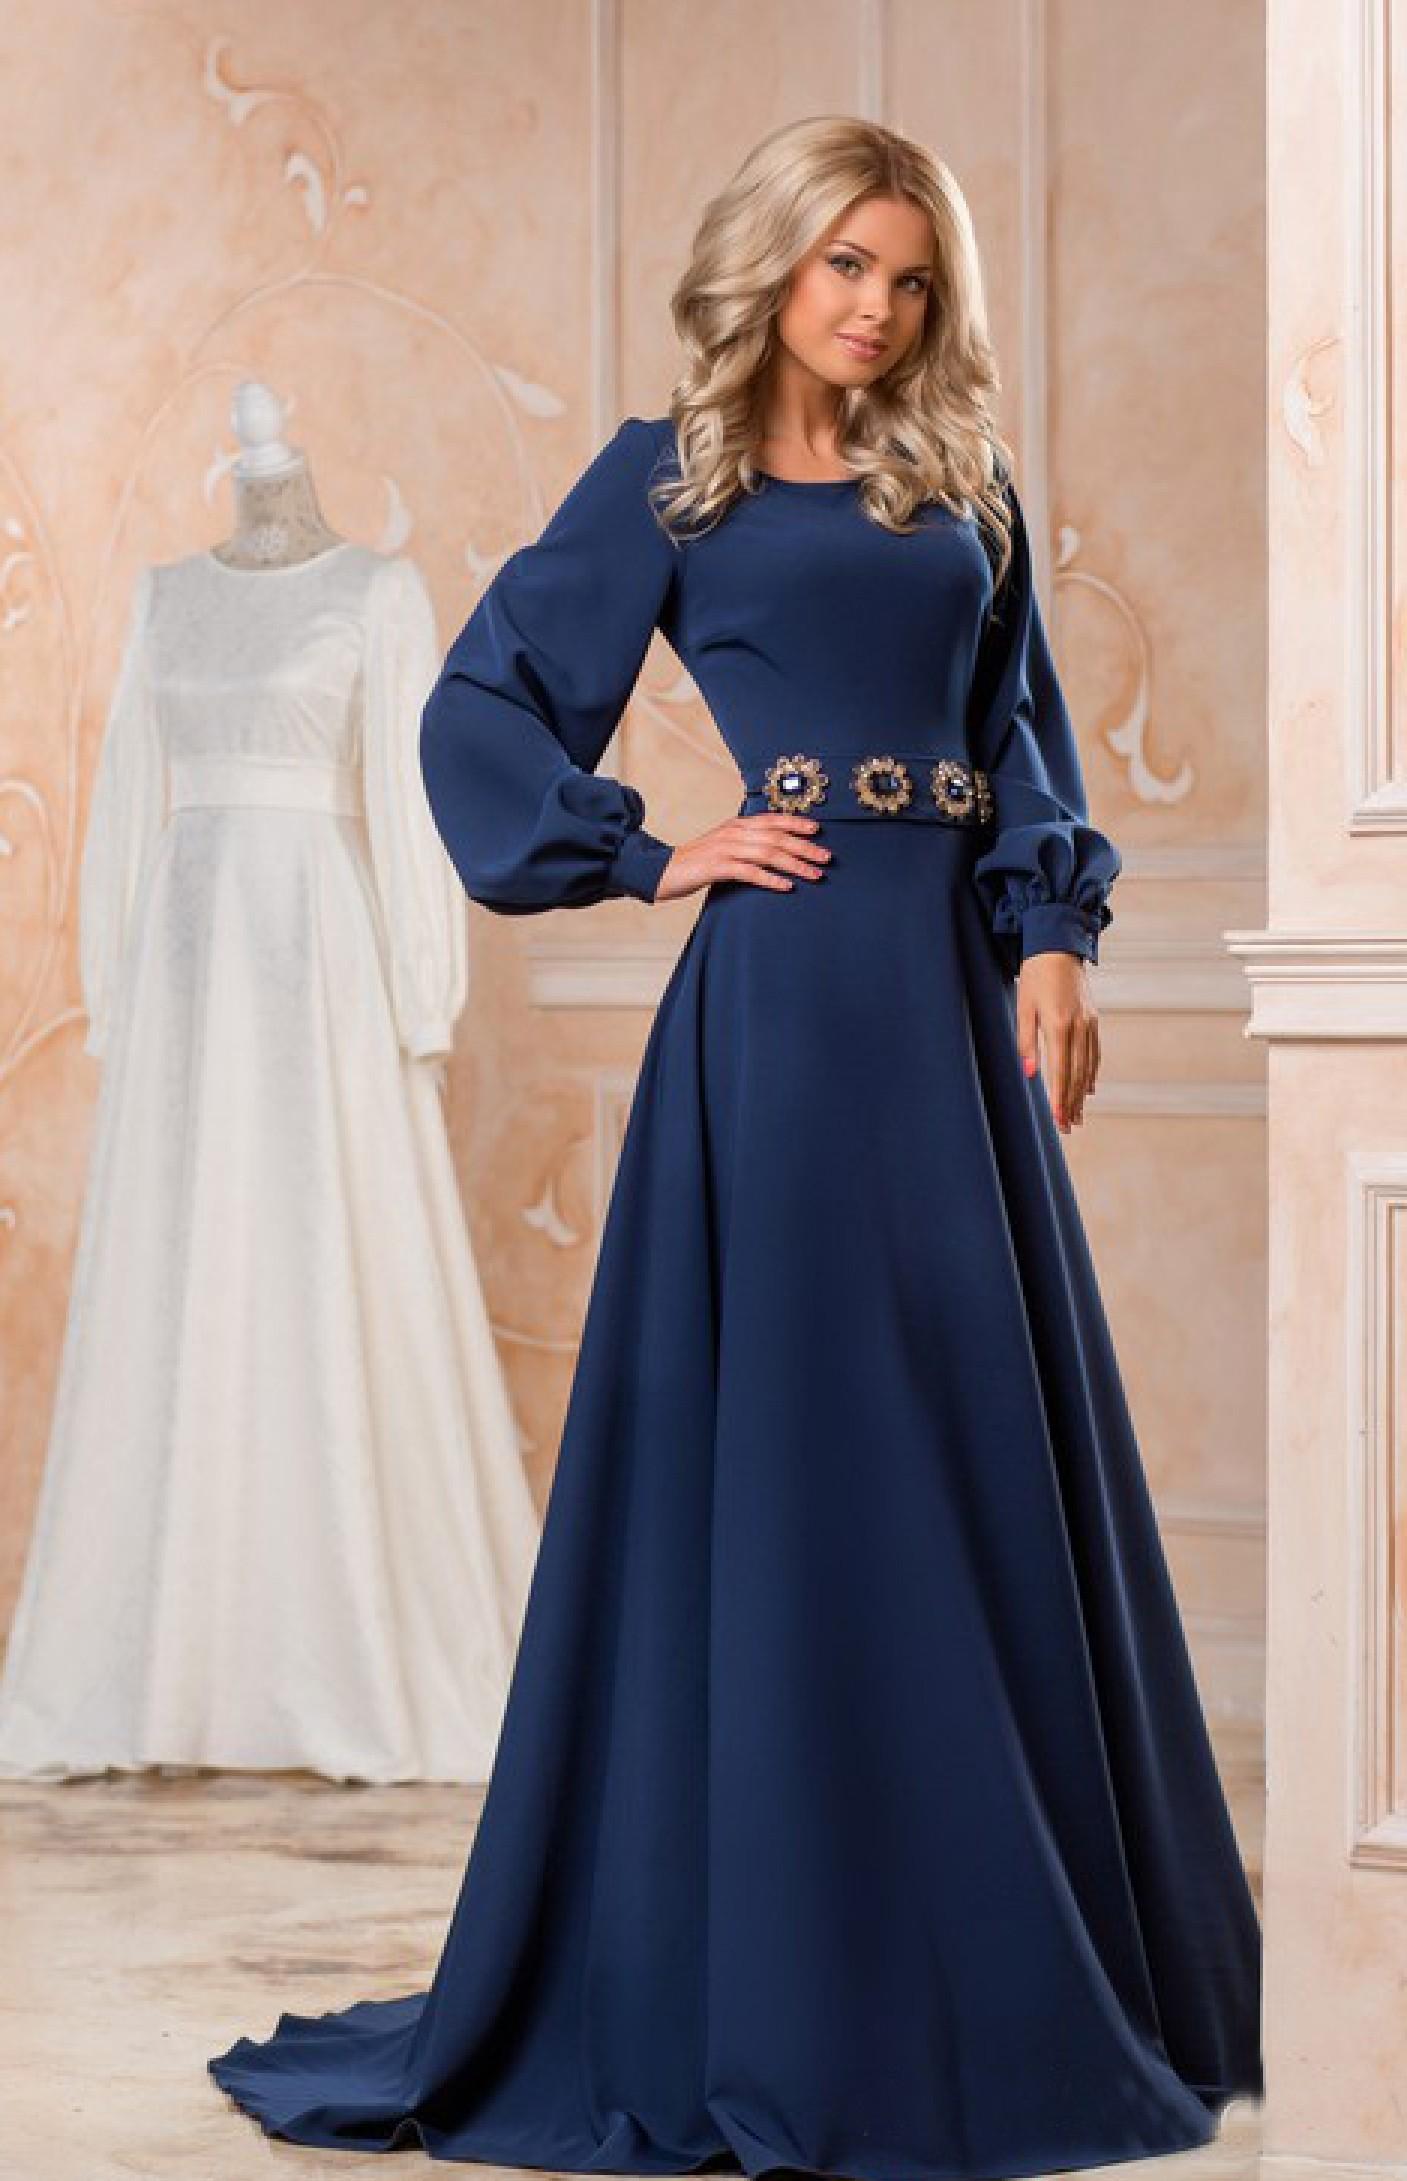 b7092152c4d Купить длинное вечернее платье с открытой спиной. Вечернее платье в пол с открытой  спиной в магазине Радэлия.